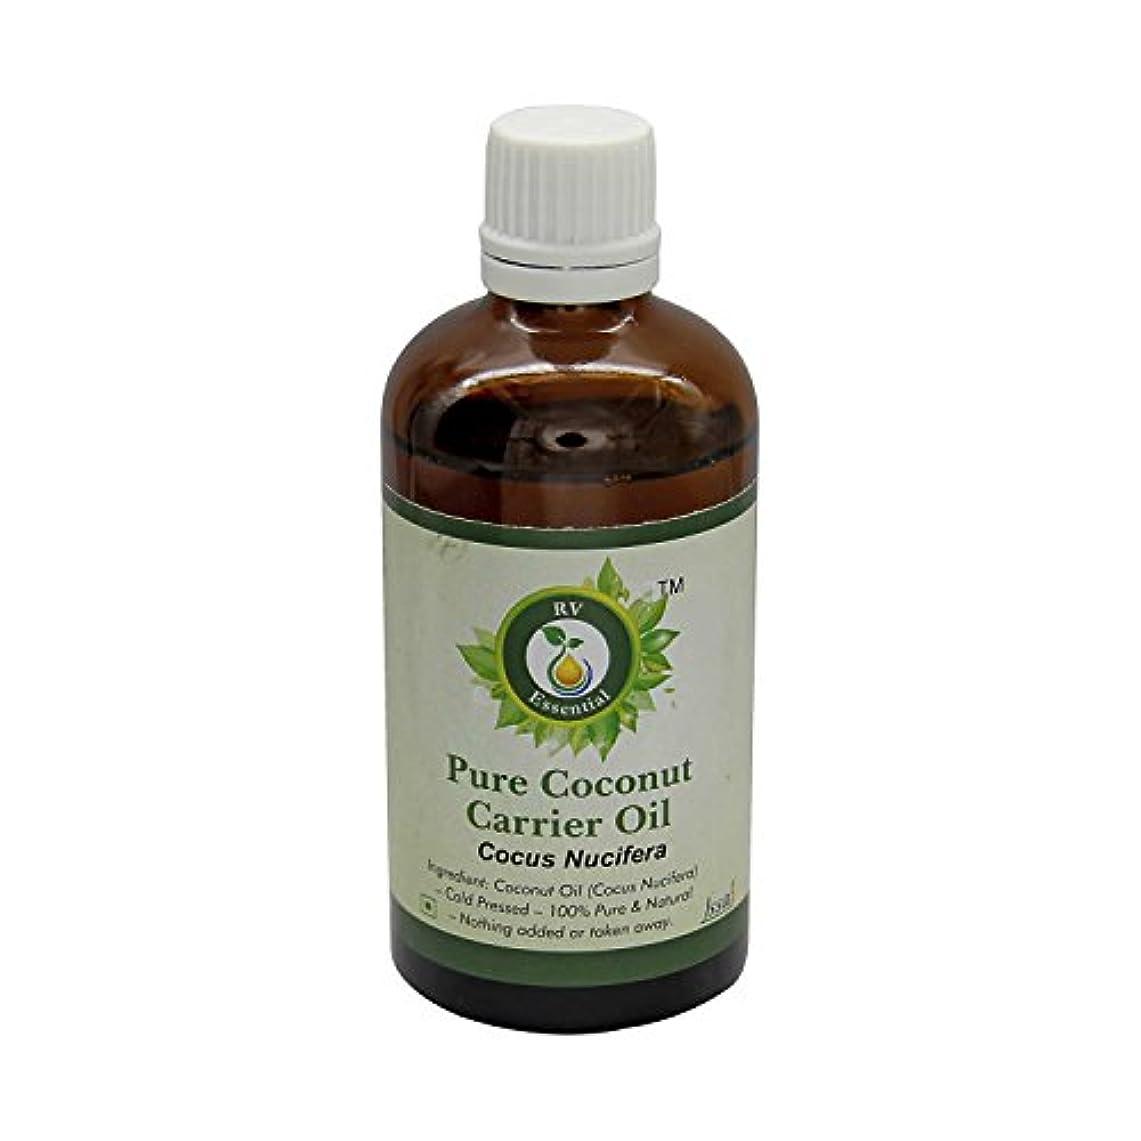 悲劇的などうしたの床R V Essential 純粋なココナッツキャリアオイル15ml (0.507oz)- Cocus Nucifera (100%ピュア&ナチュラルコールドPressed) Pure Coconut Carrier Oil